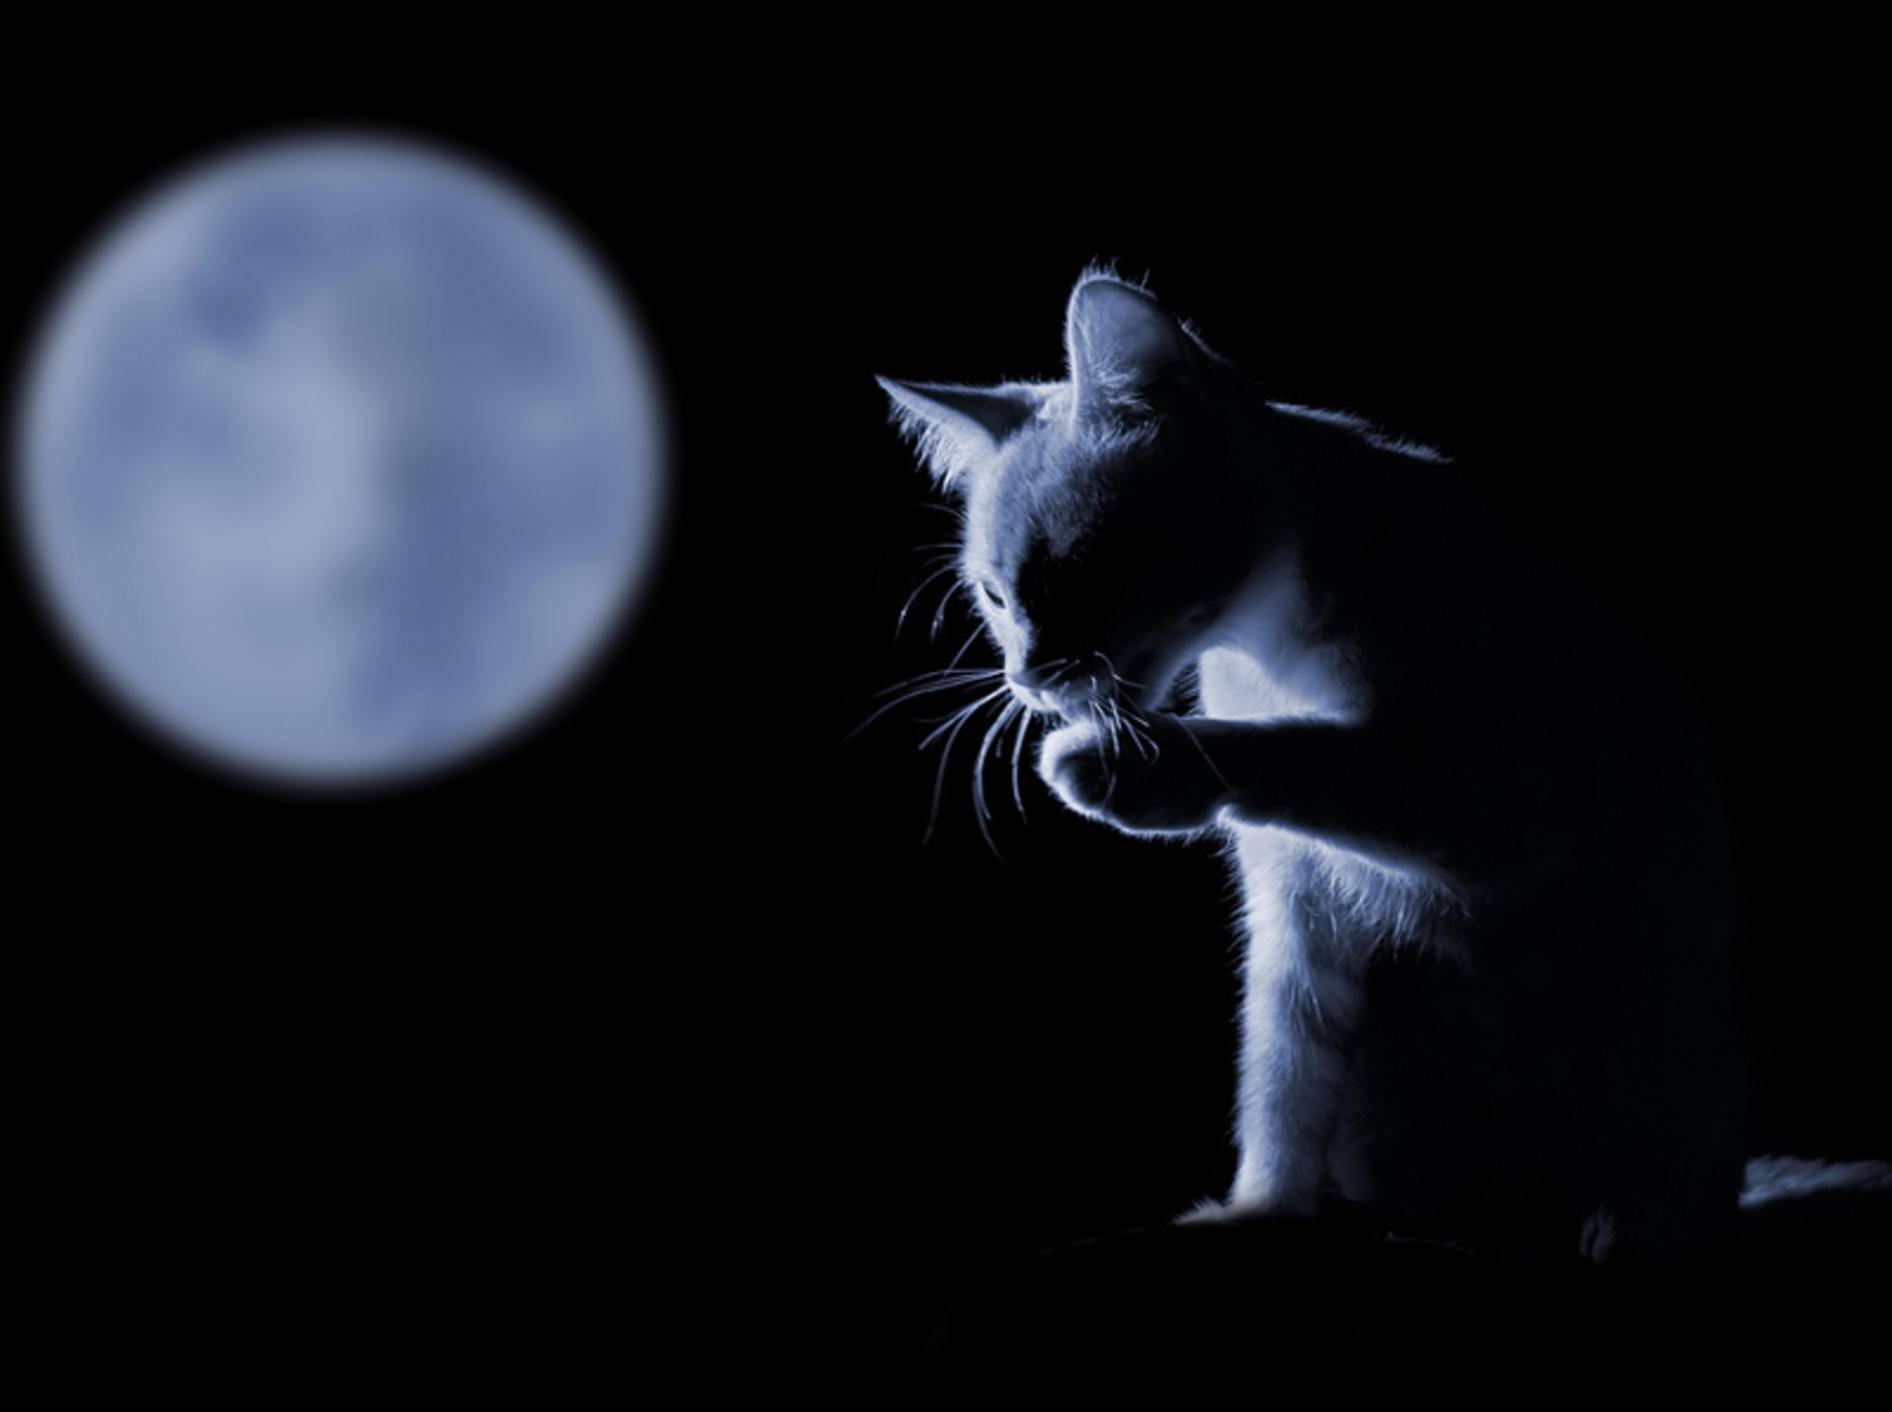 Tatsächlich wirken nachts alle Katzen grau – Shutterstock / Durch Tuzemka